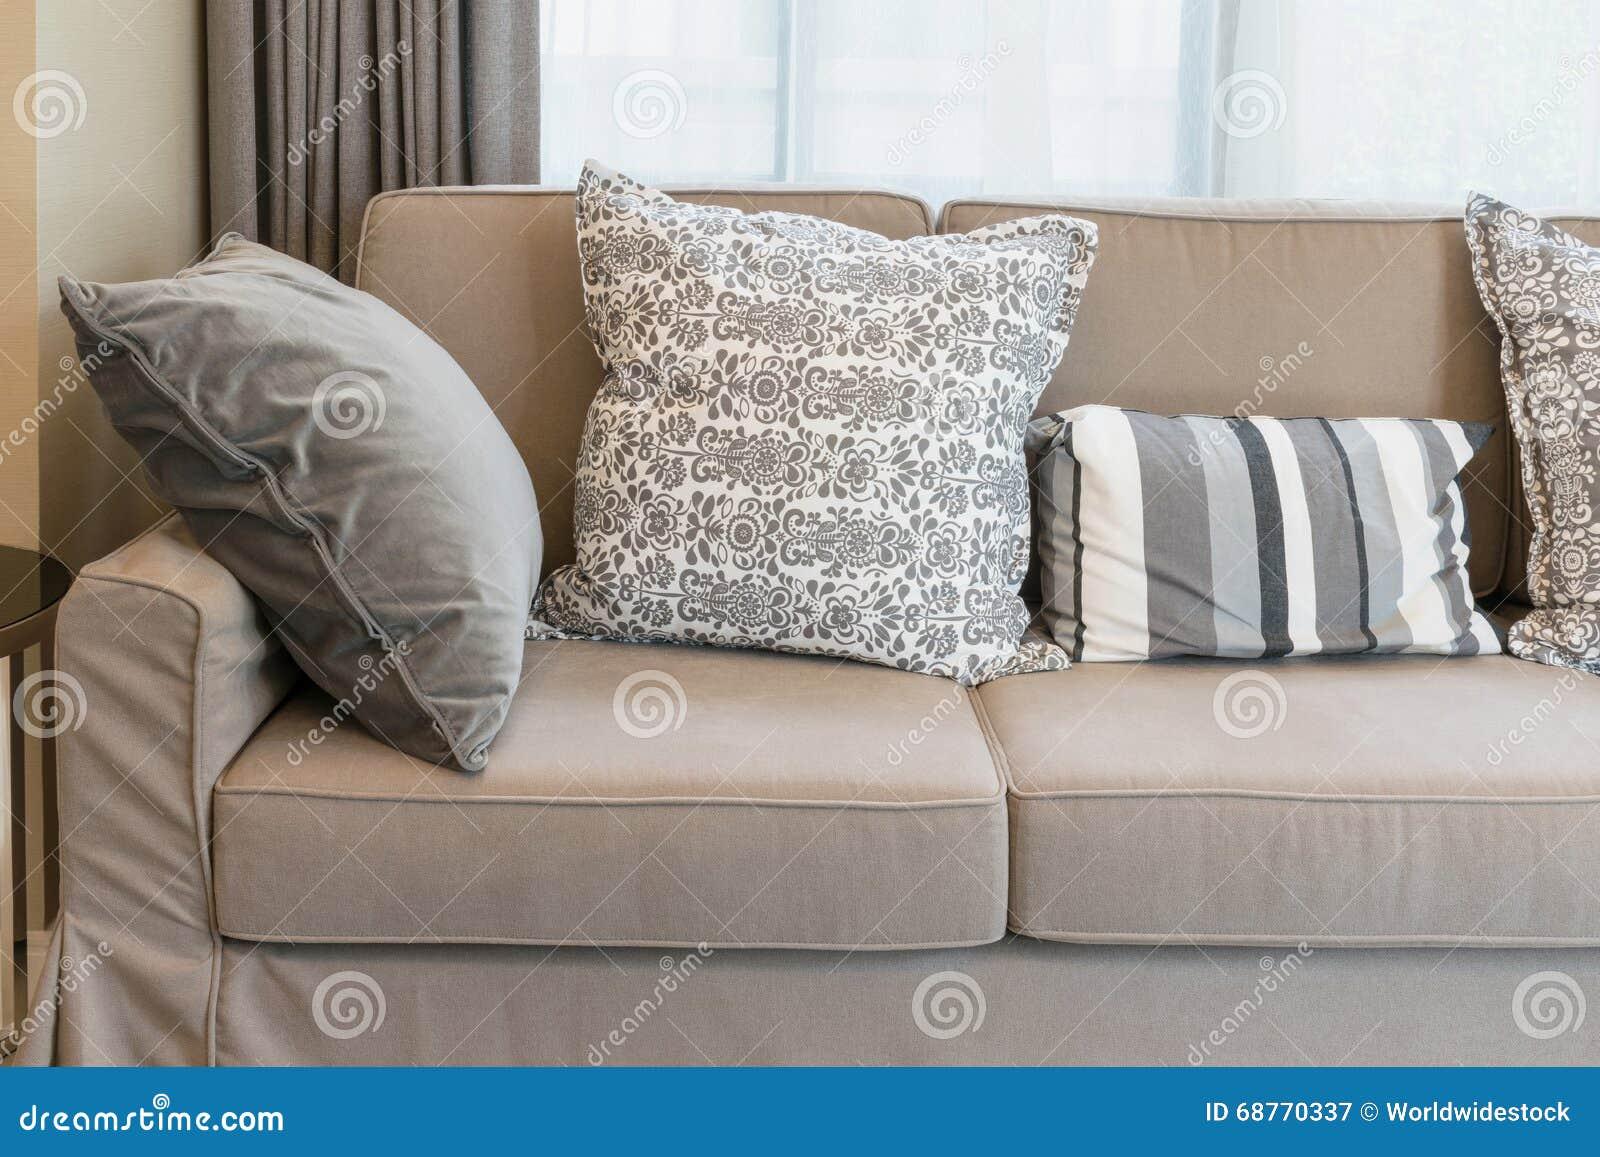 Starkes Braunes Sofa Mit Grau Kopierten Kissen Archivbilder Abgabe